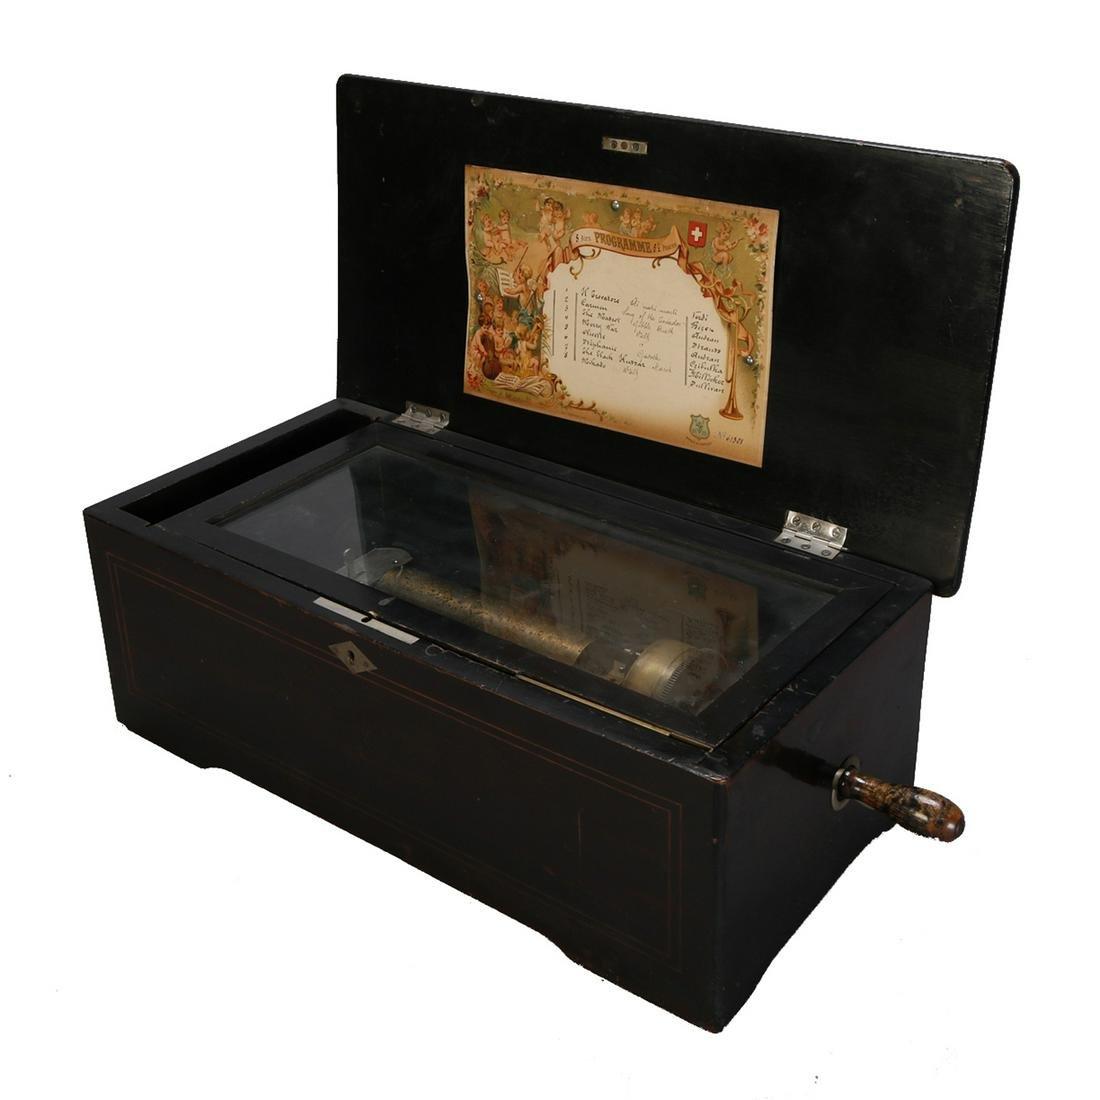 Inlaid Swiss 8-Tune Cylinder Music Box, c1880